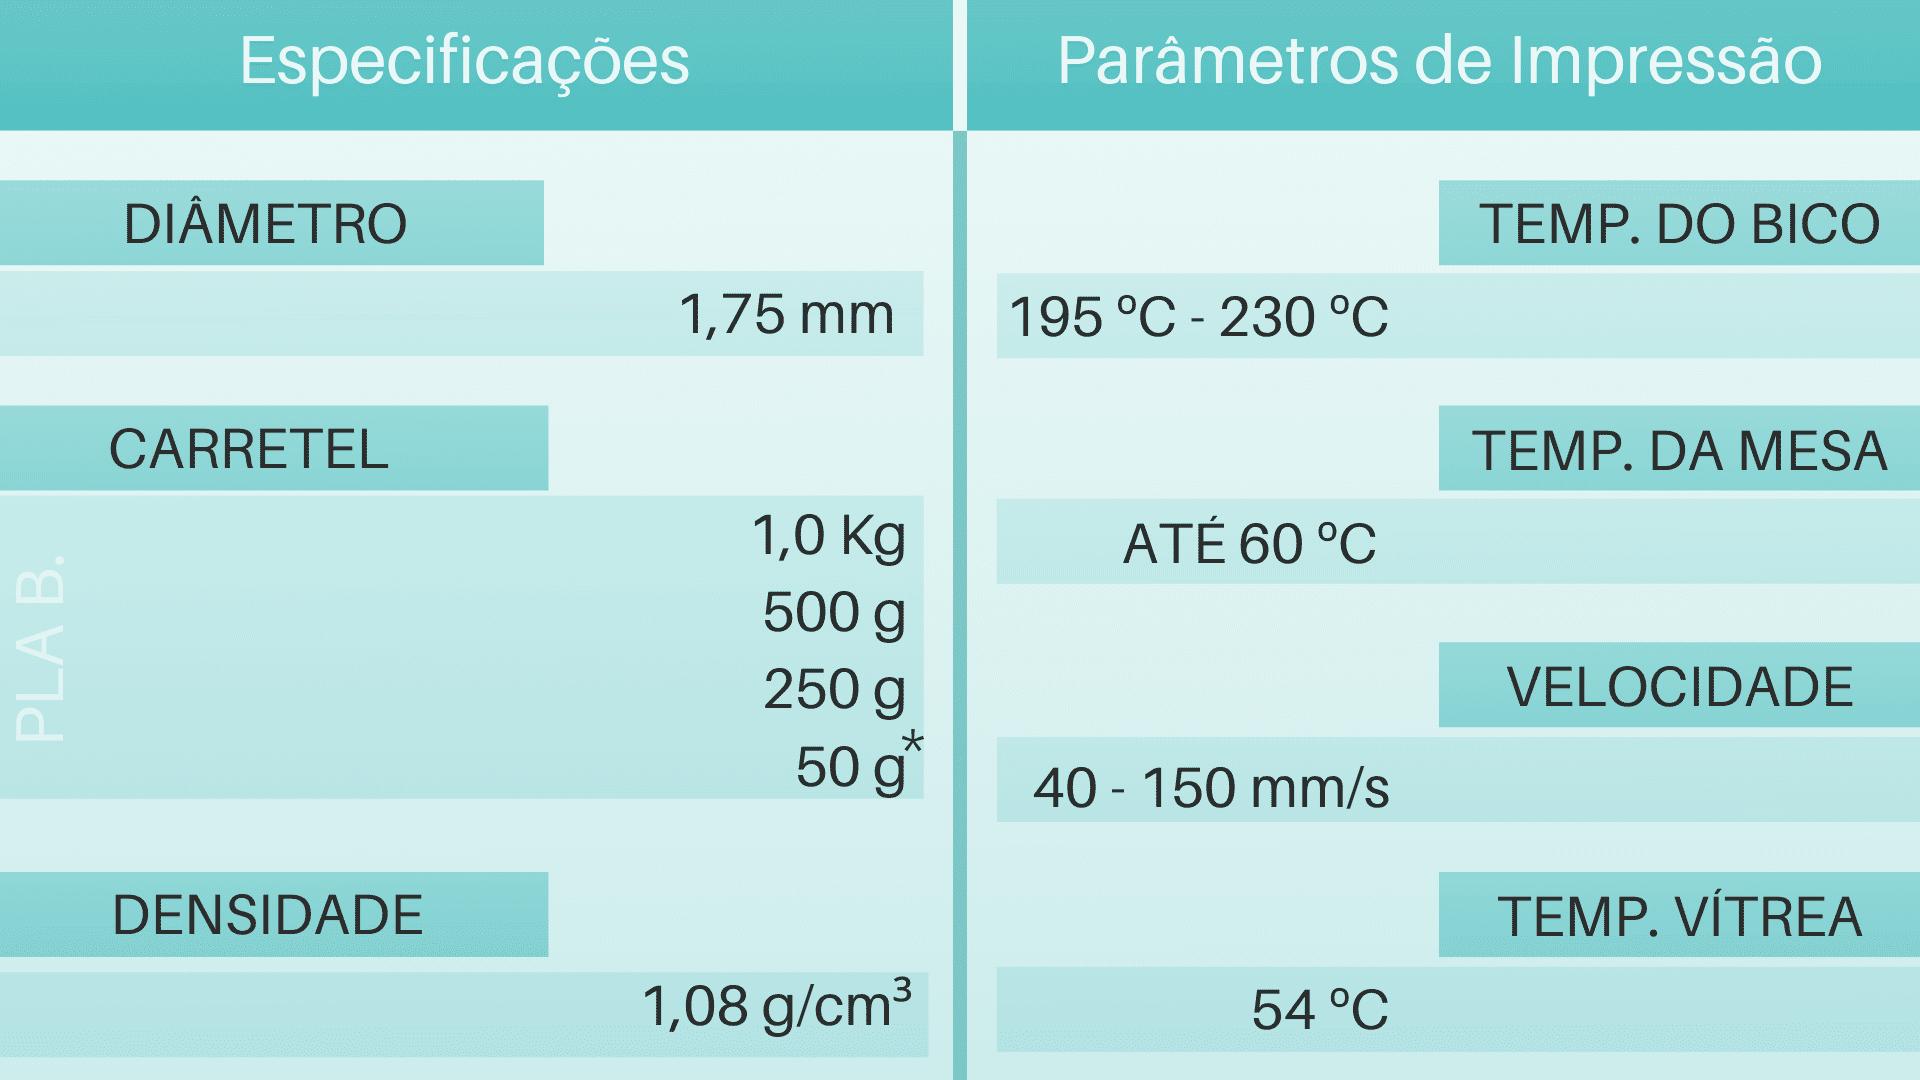 Tabela de Parâmetros e especificações do filamento 3d ECO